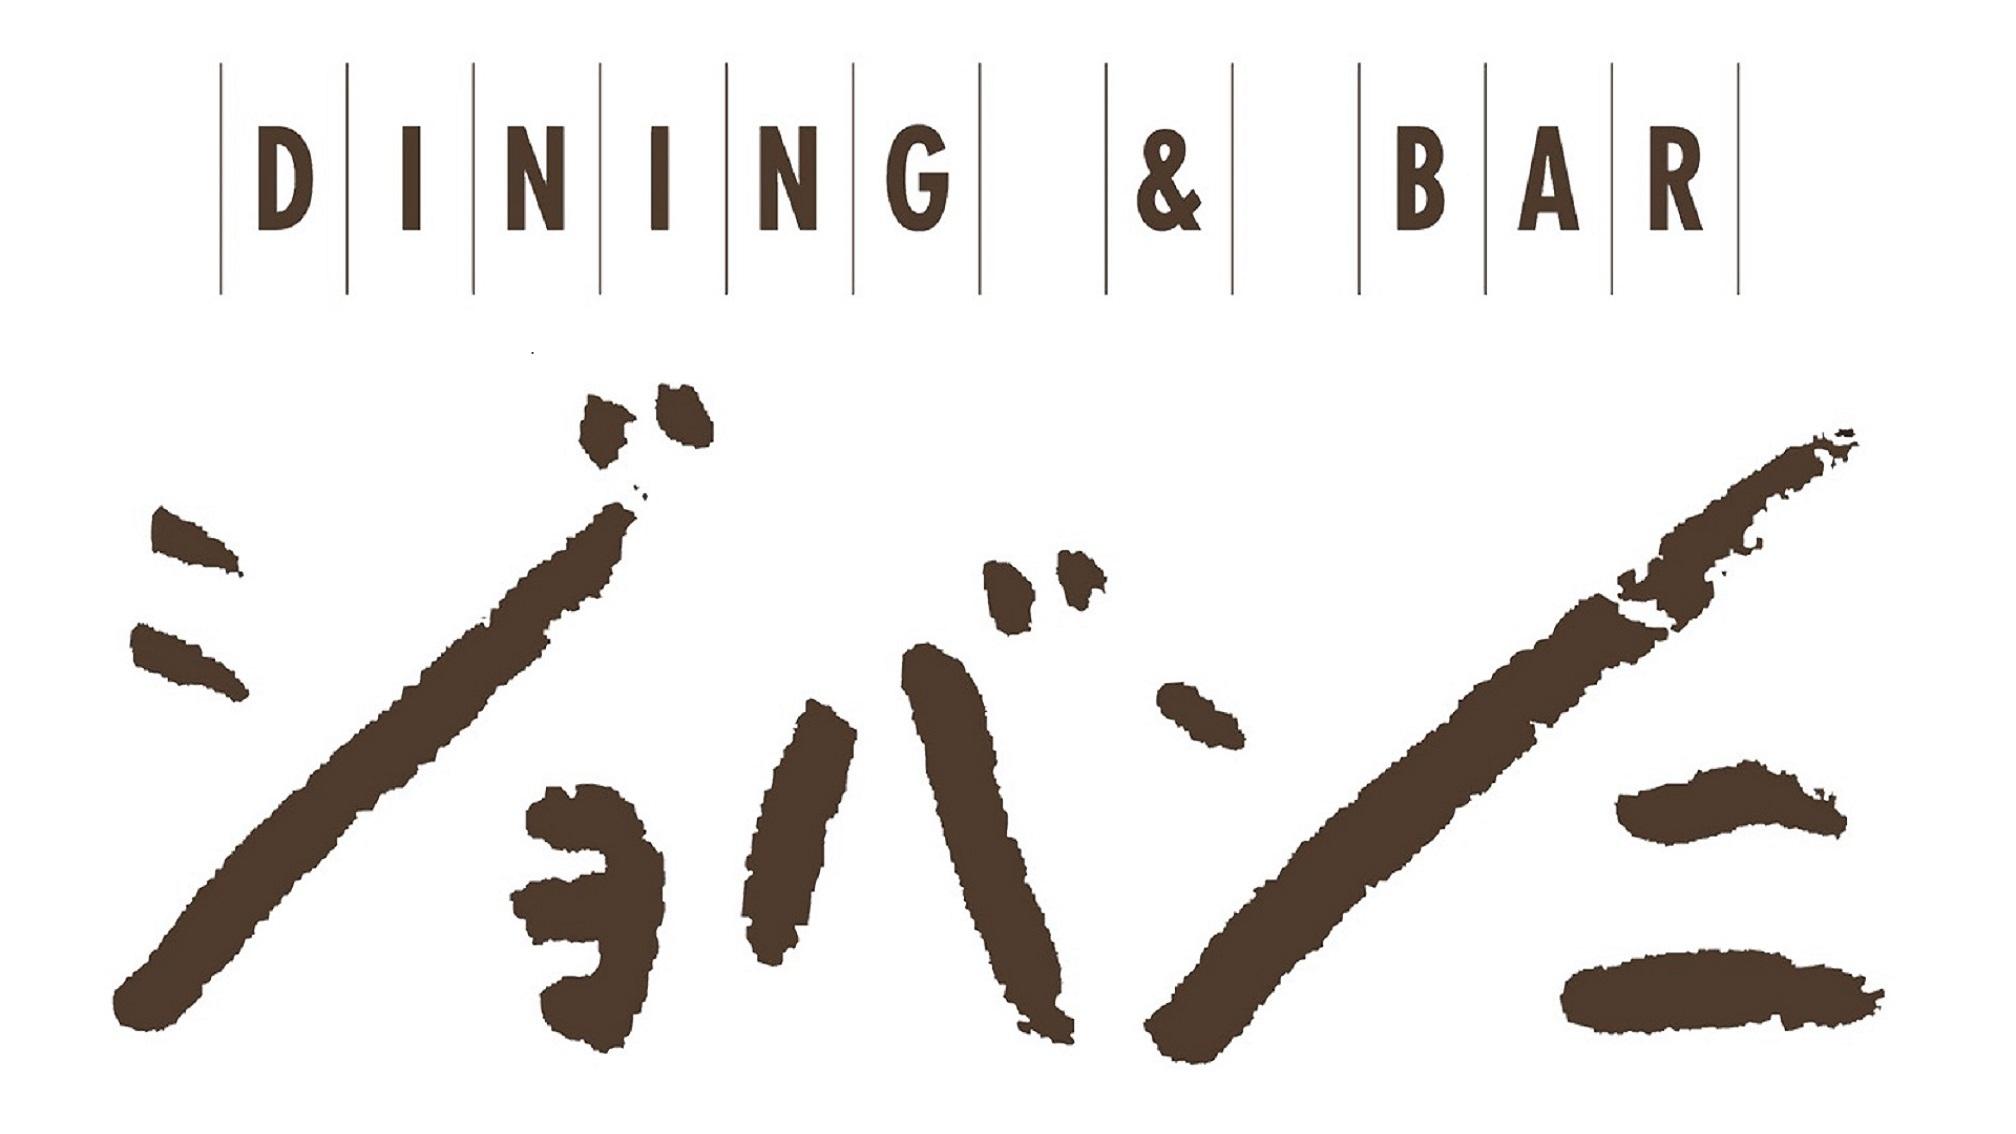 【ダイニング&バー「ジョバンニ」】ニューヨークスタイルのダイニング&バー。